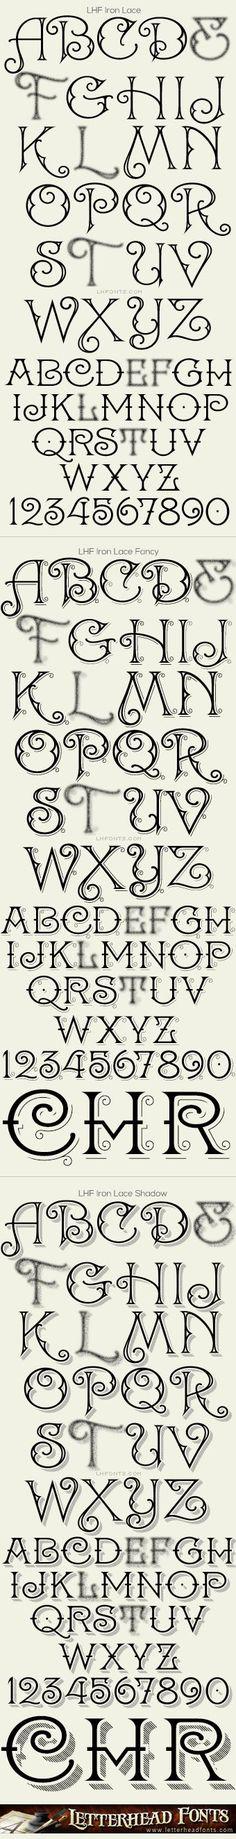 Letterhead Fonts / Iron Lace font set / Decorative Fonts